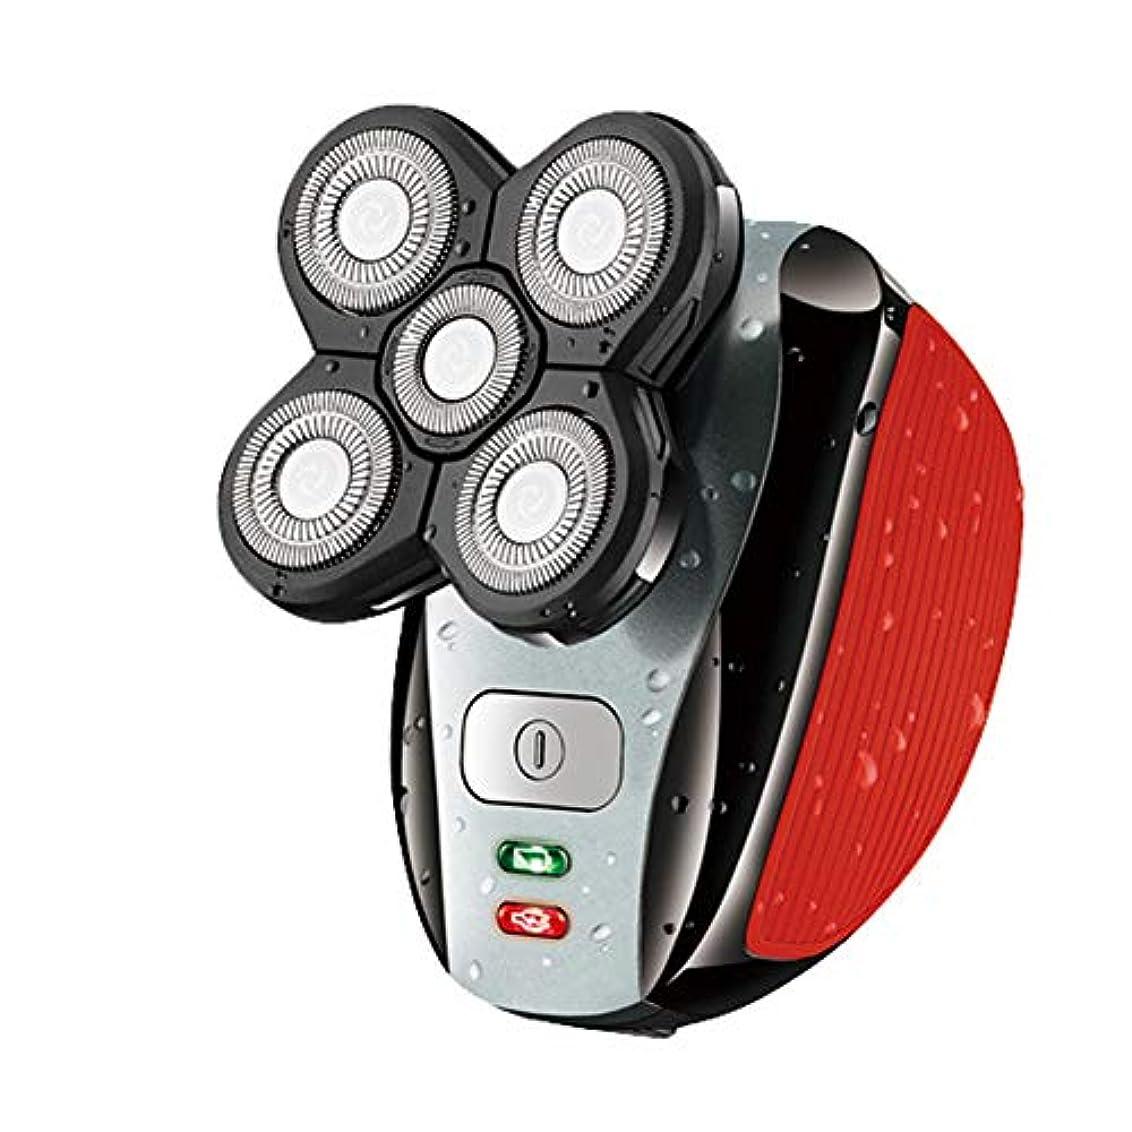 手荷物展開する傾向多機能電気かみそり、USB充電かみそり、ウェット&ドライ、鼻毛トリミング5ヘッド交換